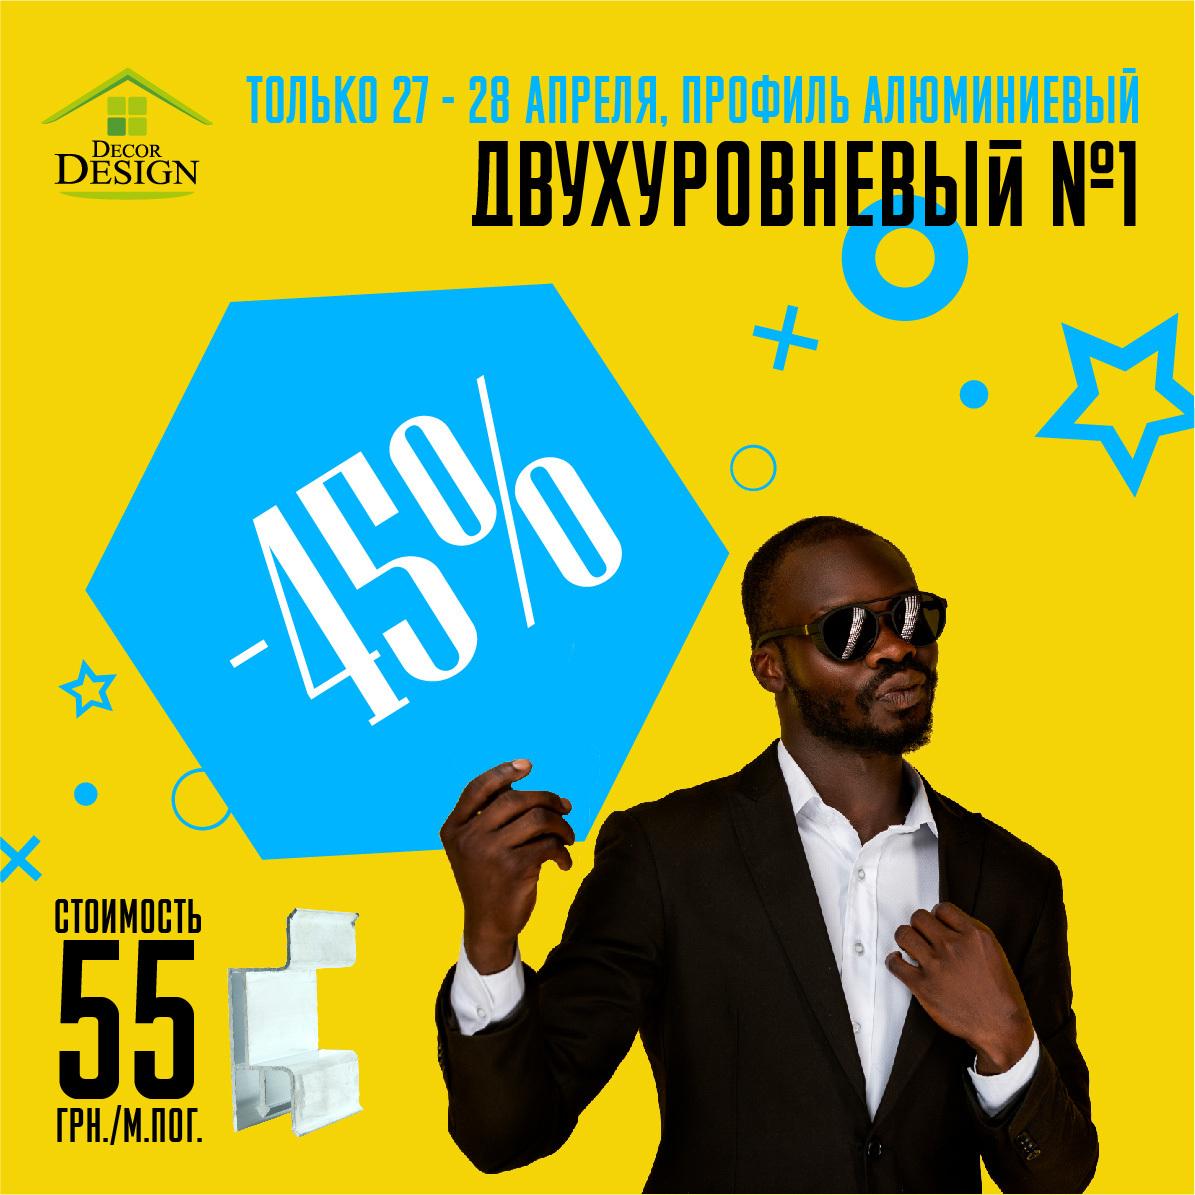 Профиль Двухуровневый №1 по супер цене - 55 грн./м. пог.. Только 27-28 апреля 2020 г.